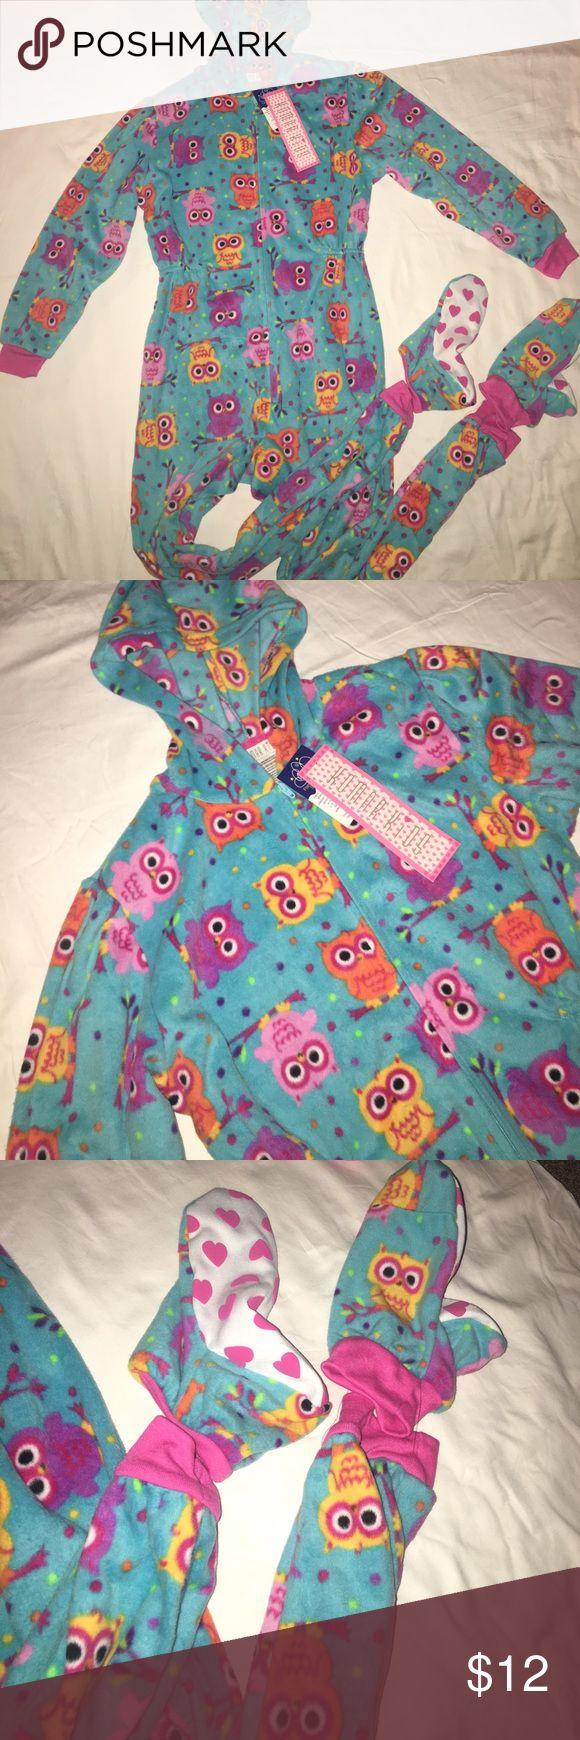 NWT Owl Print Kids Onesie Never worn. Super Cute! Pajamas Pajama Sets